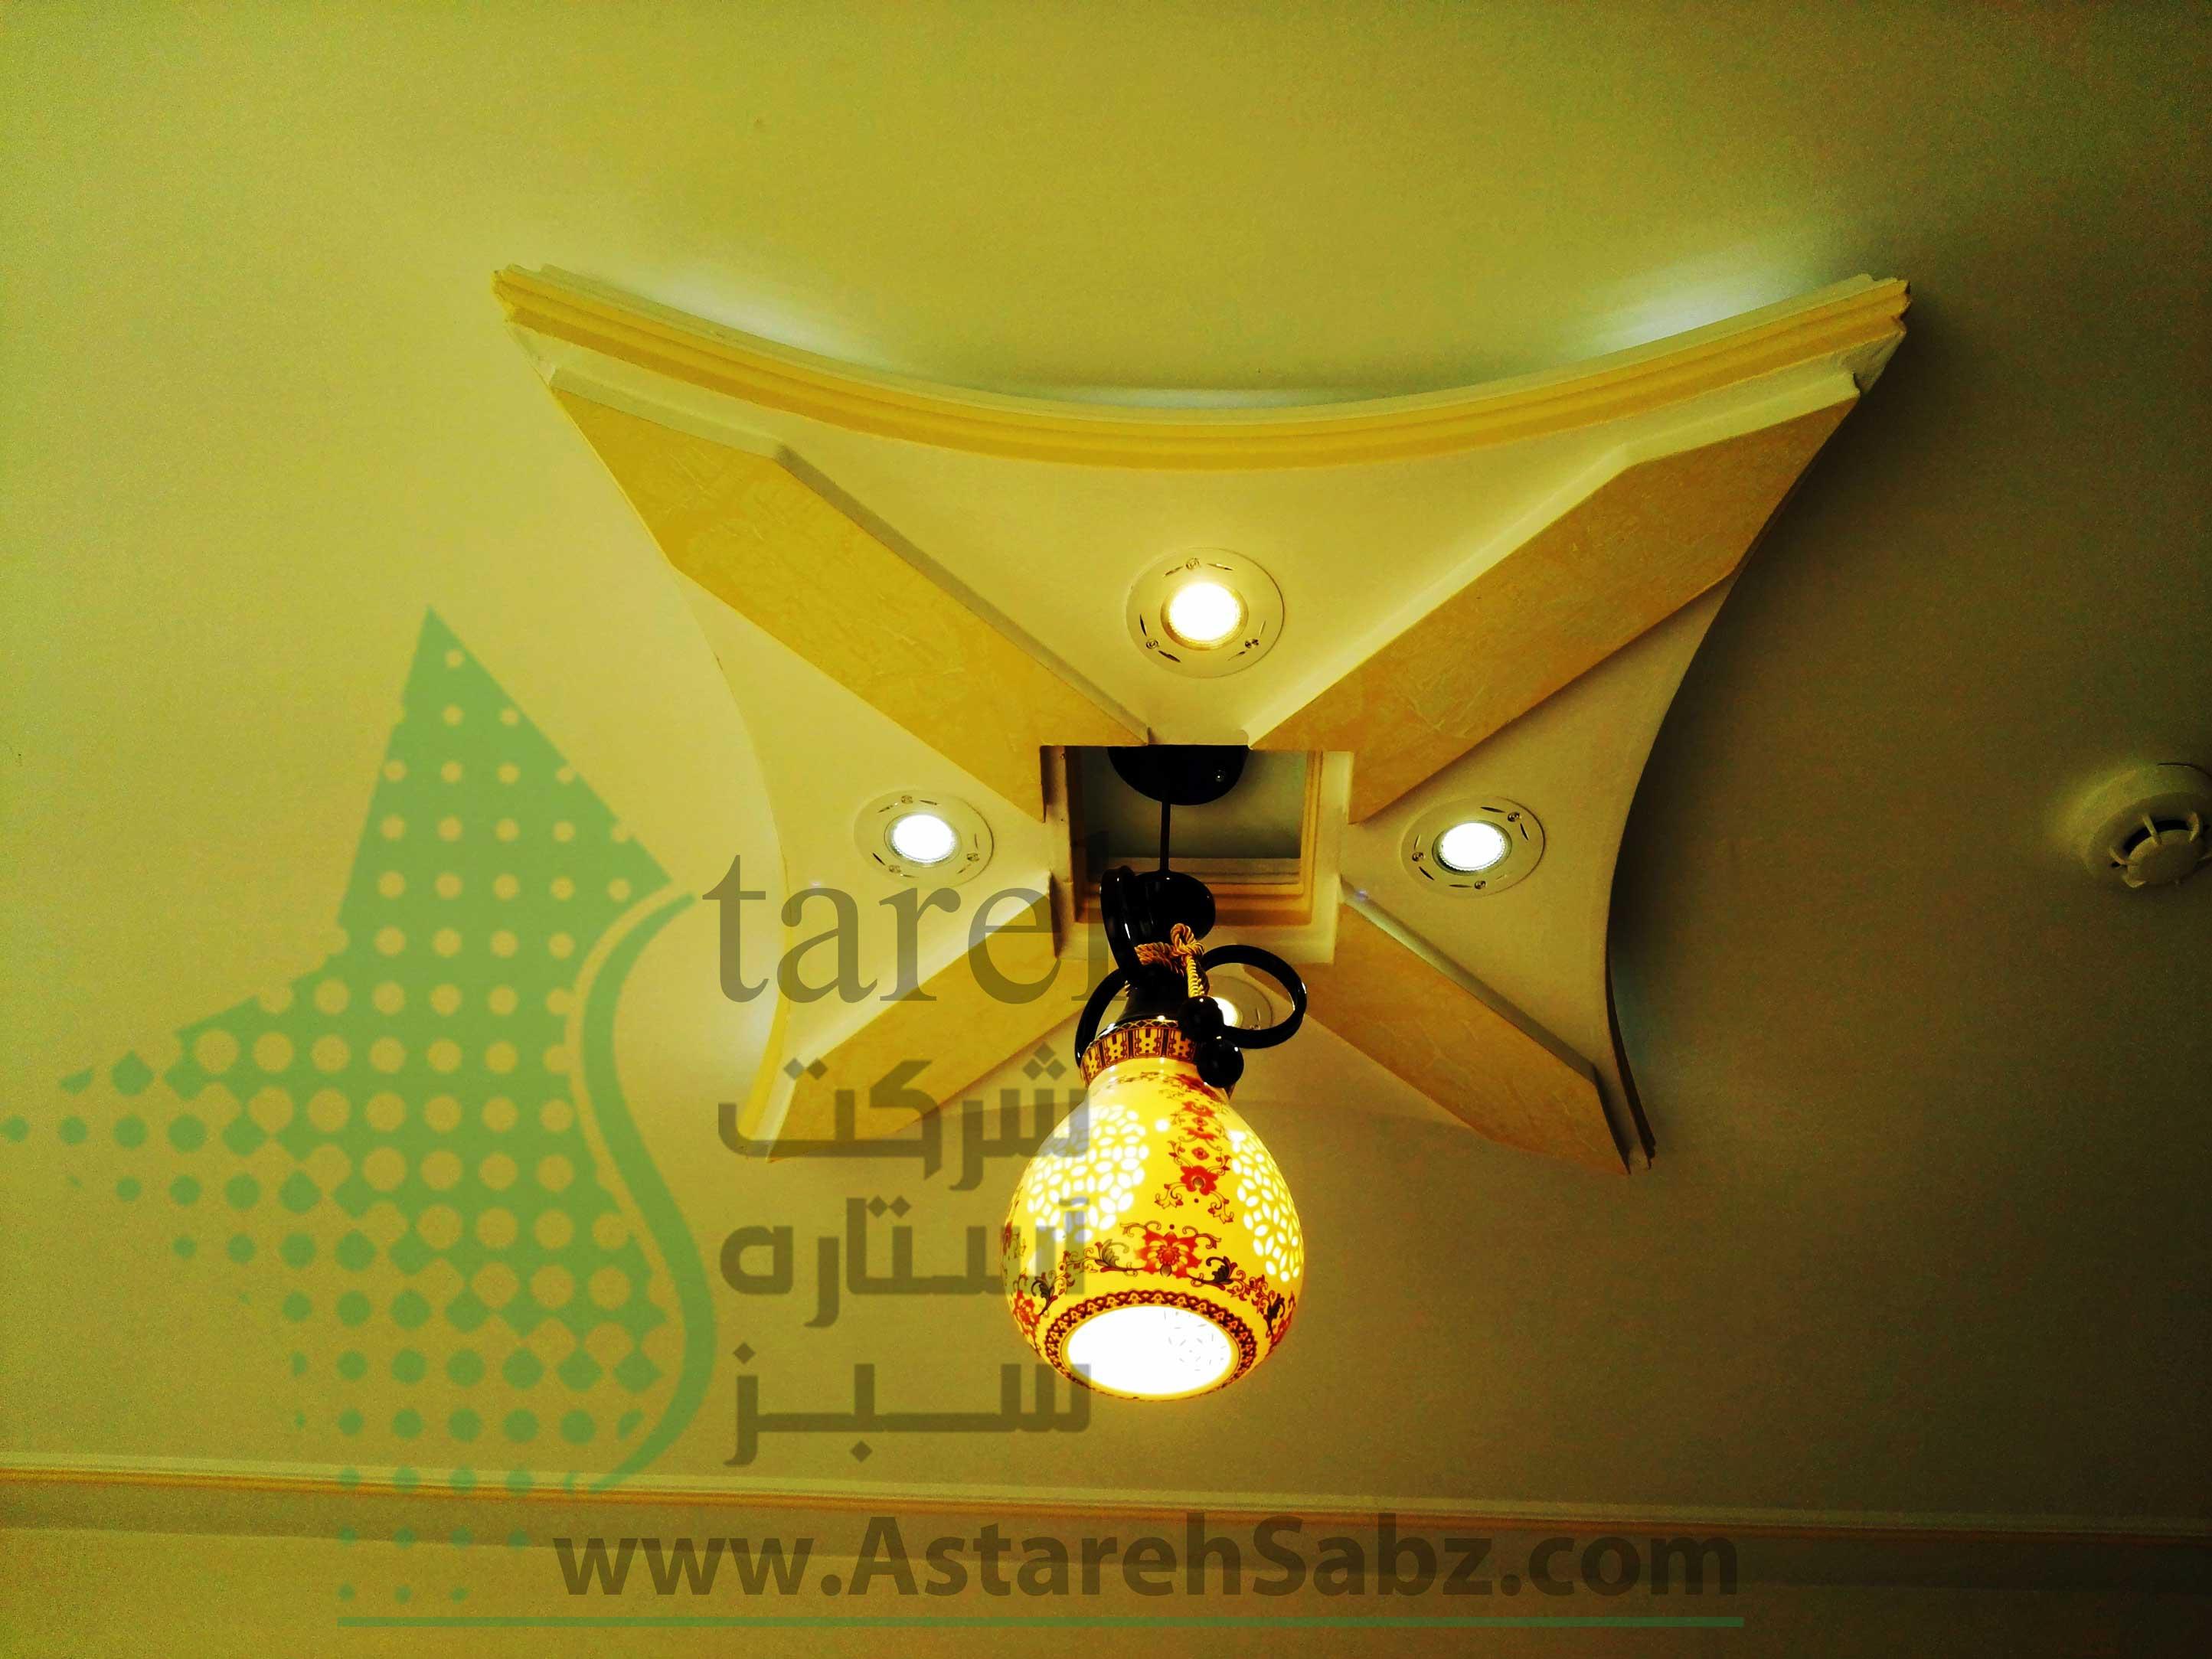 (Astareh Sabz (234